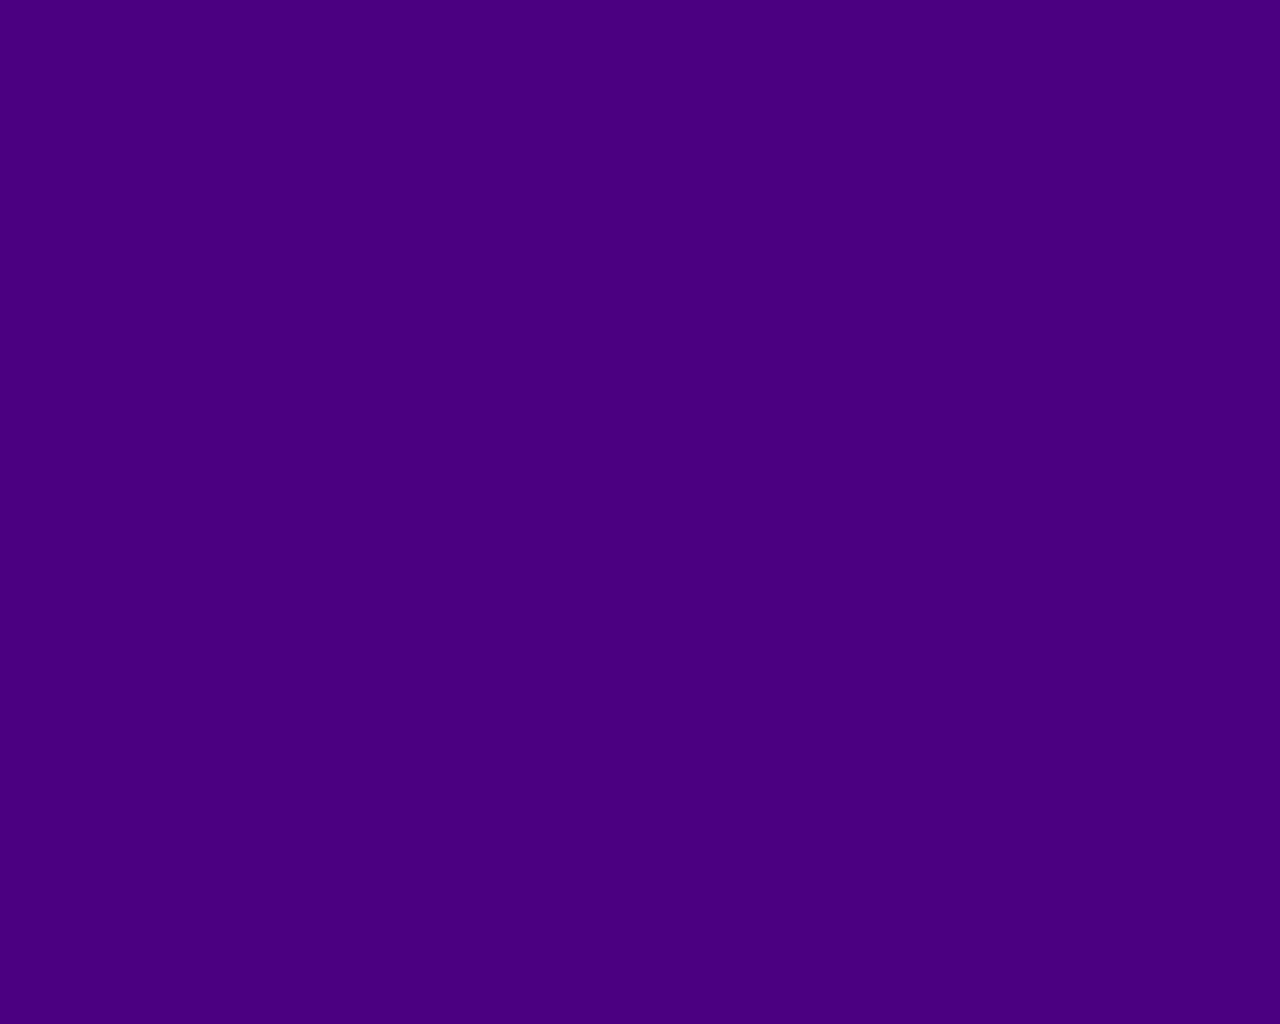 1280x1024 Indigo Web Solid Color Background